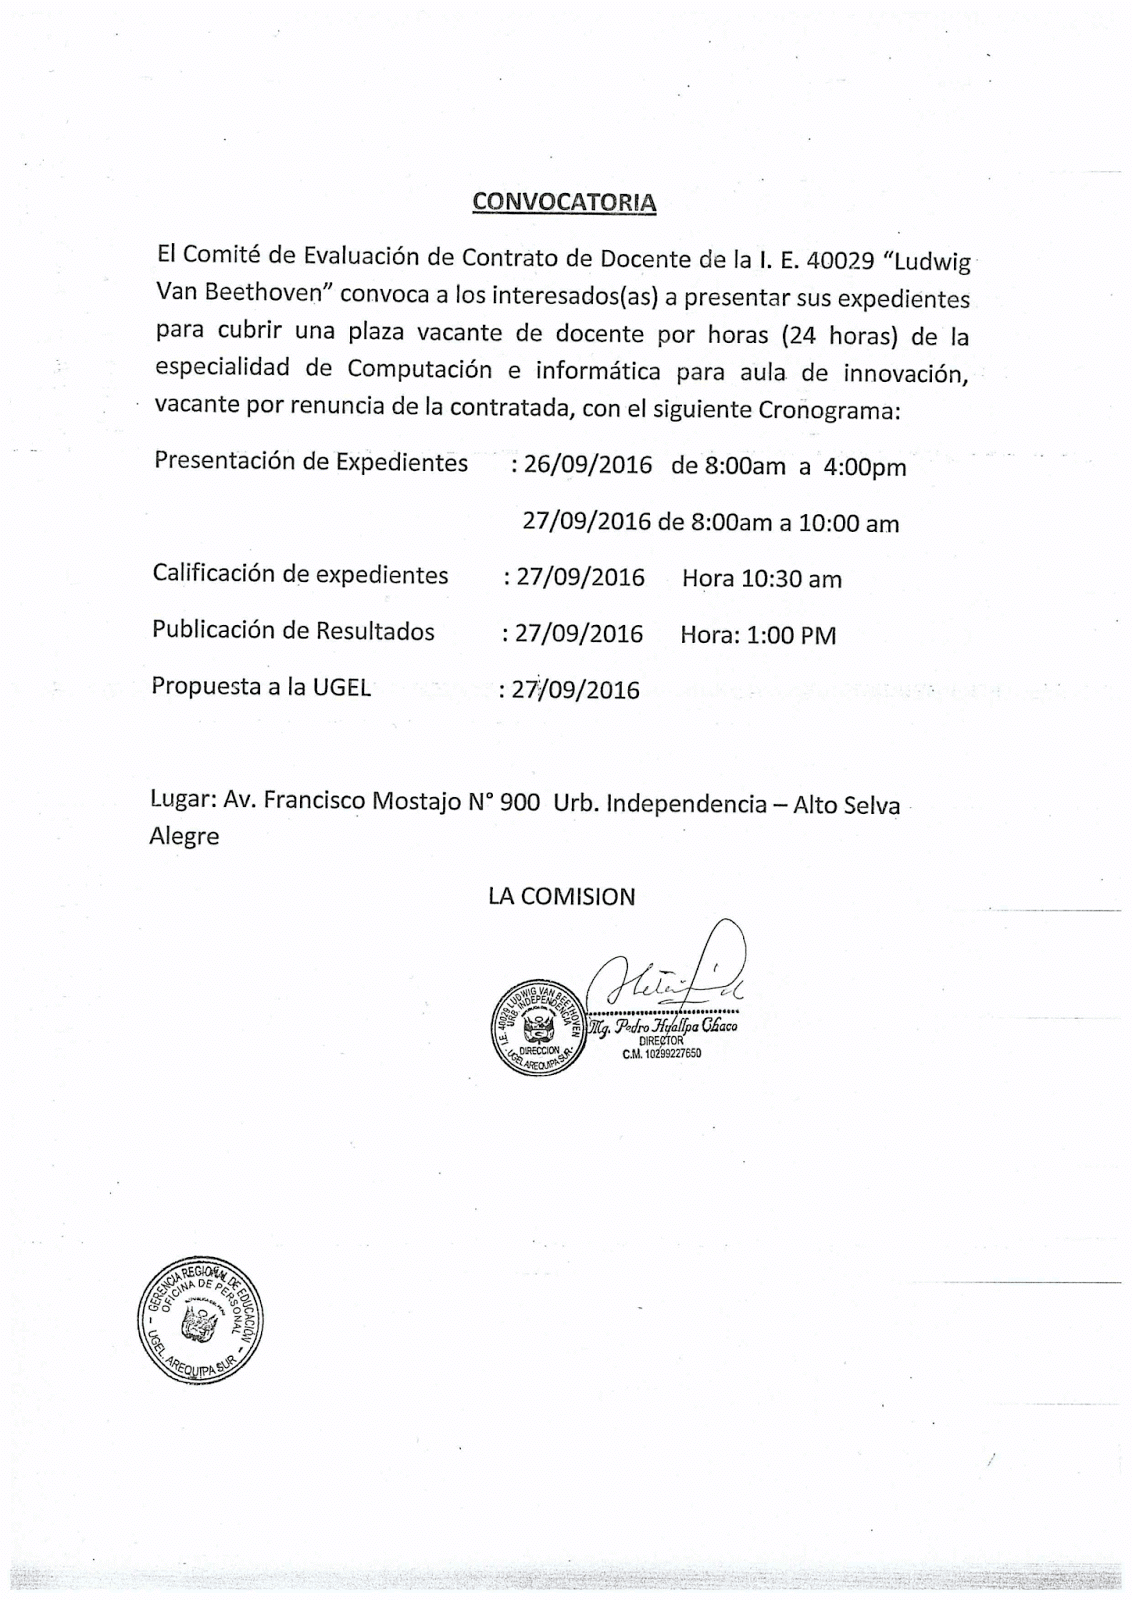 Convocatoria para contrato docente 2016 i e ludwig van for Convocatoria para plazas docentes 2016